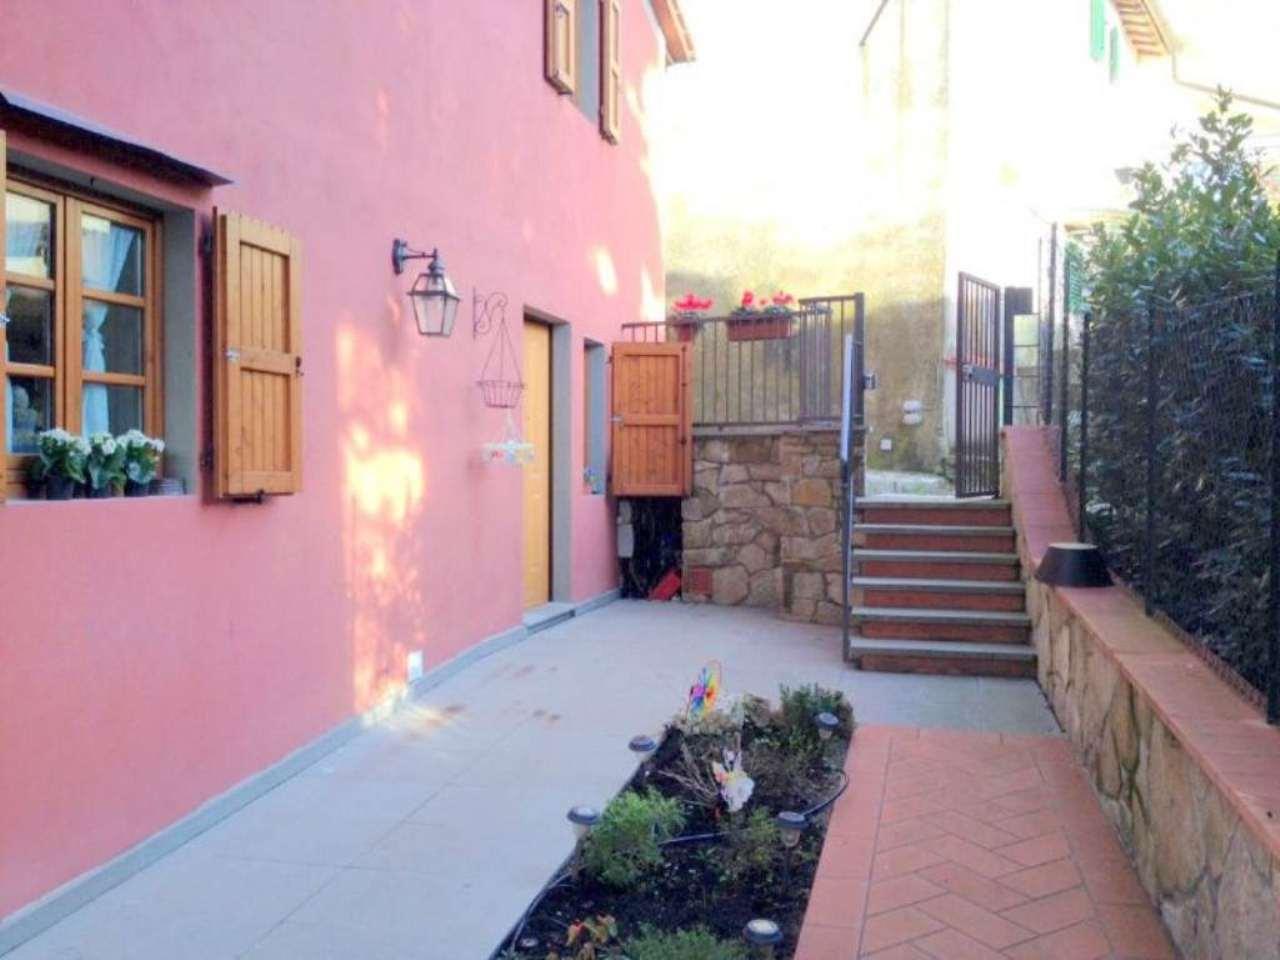 Palazzo / Stabile in vendita a Fiesole, 5 locali, prezzo € 530.000 | Cambio Casa.it